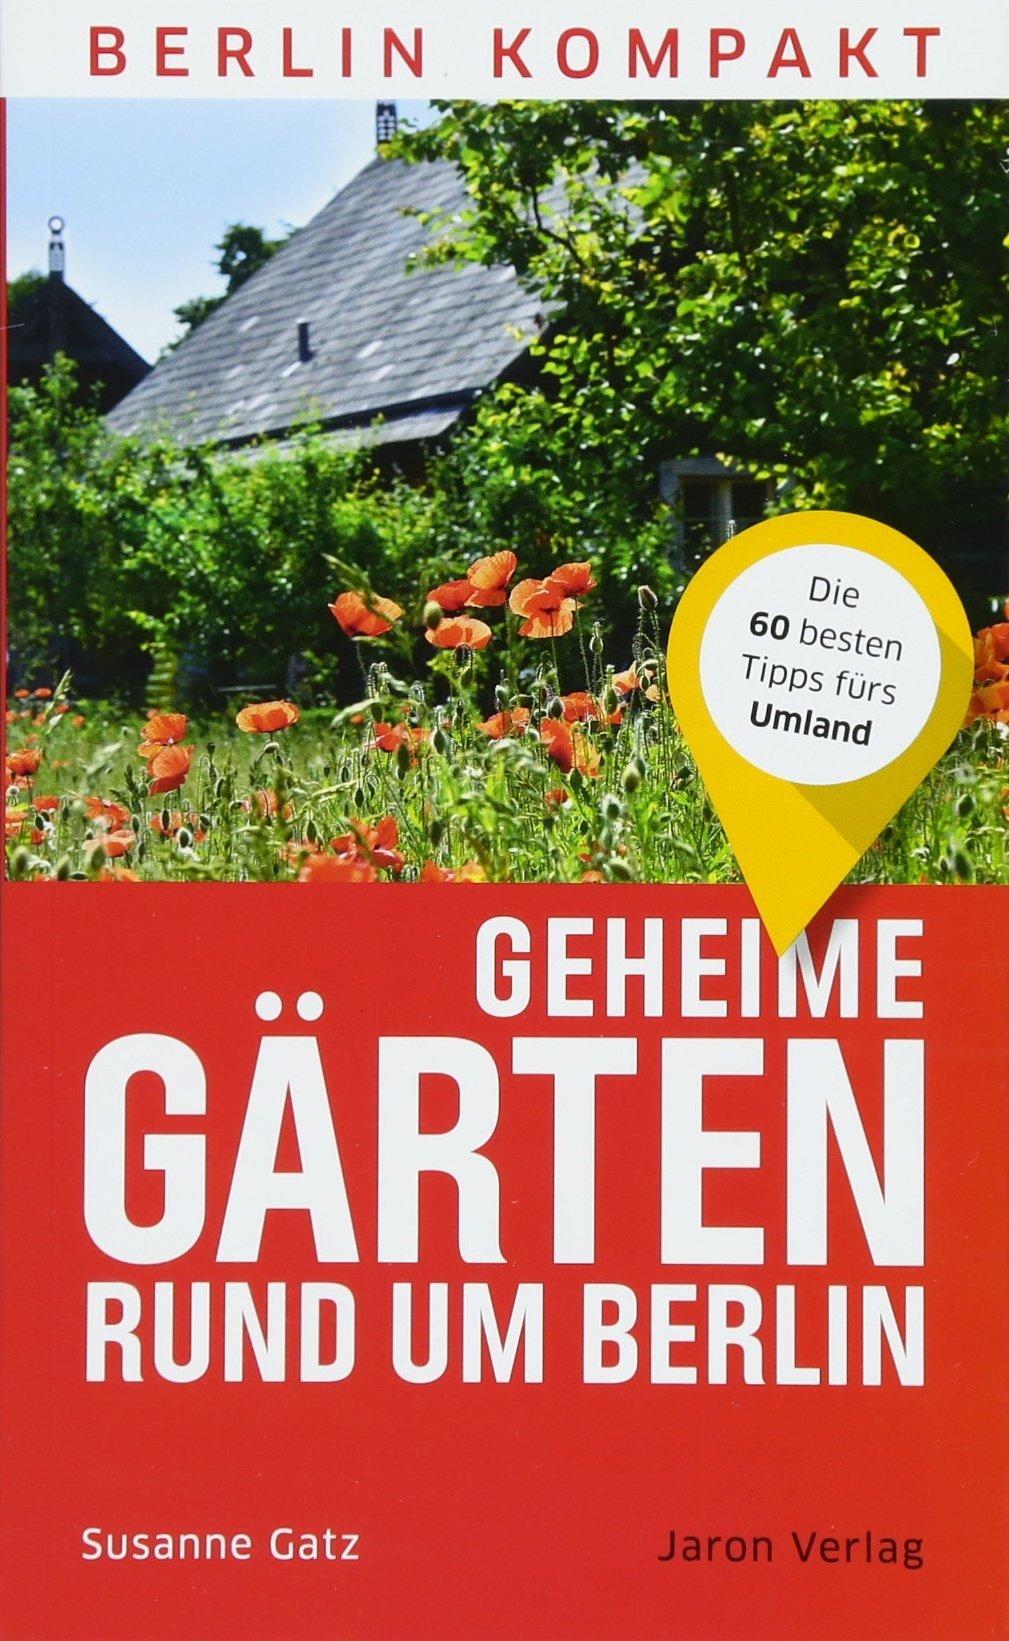 Geheime Gärten rund um Berlin: Die 60 besten Tipps fürs Umland (Berlin Kompakt)